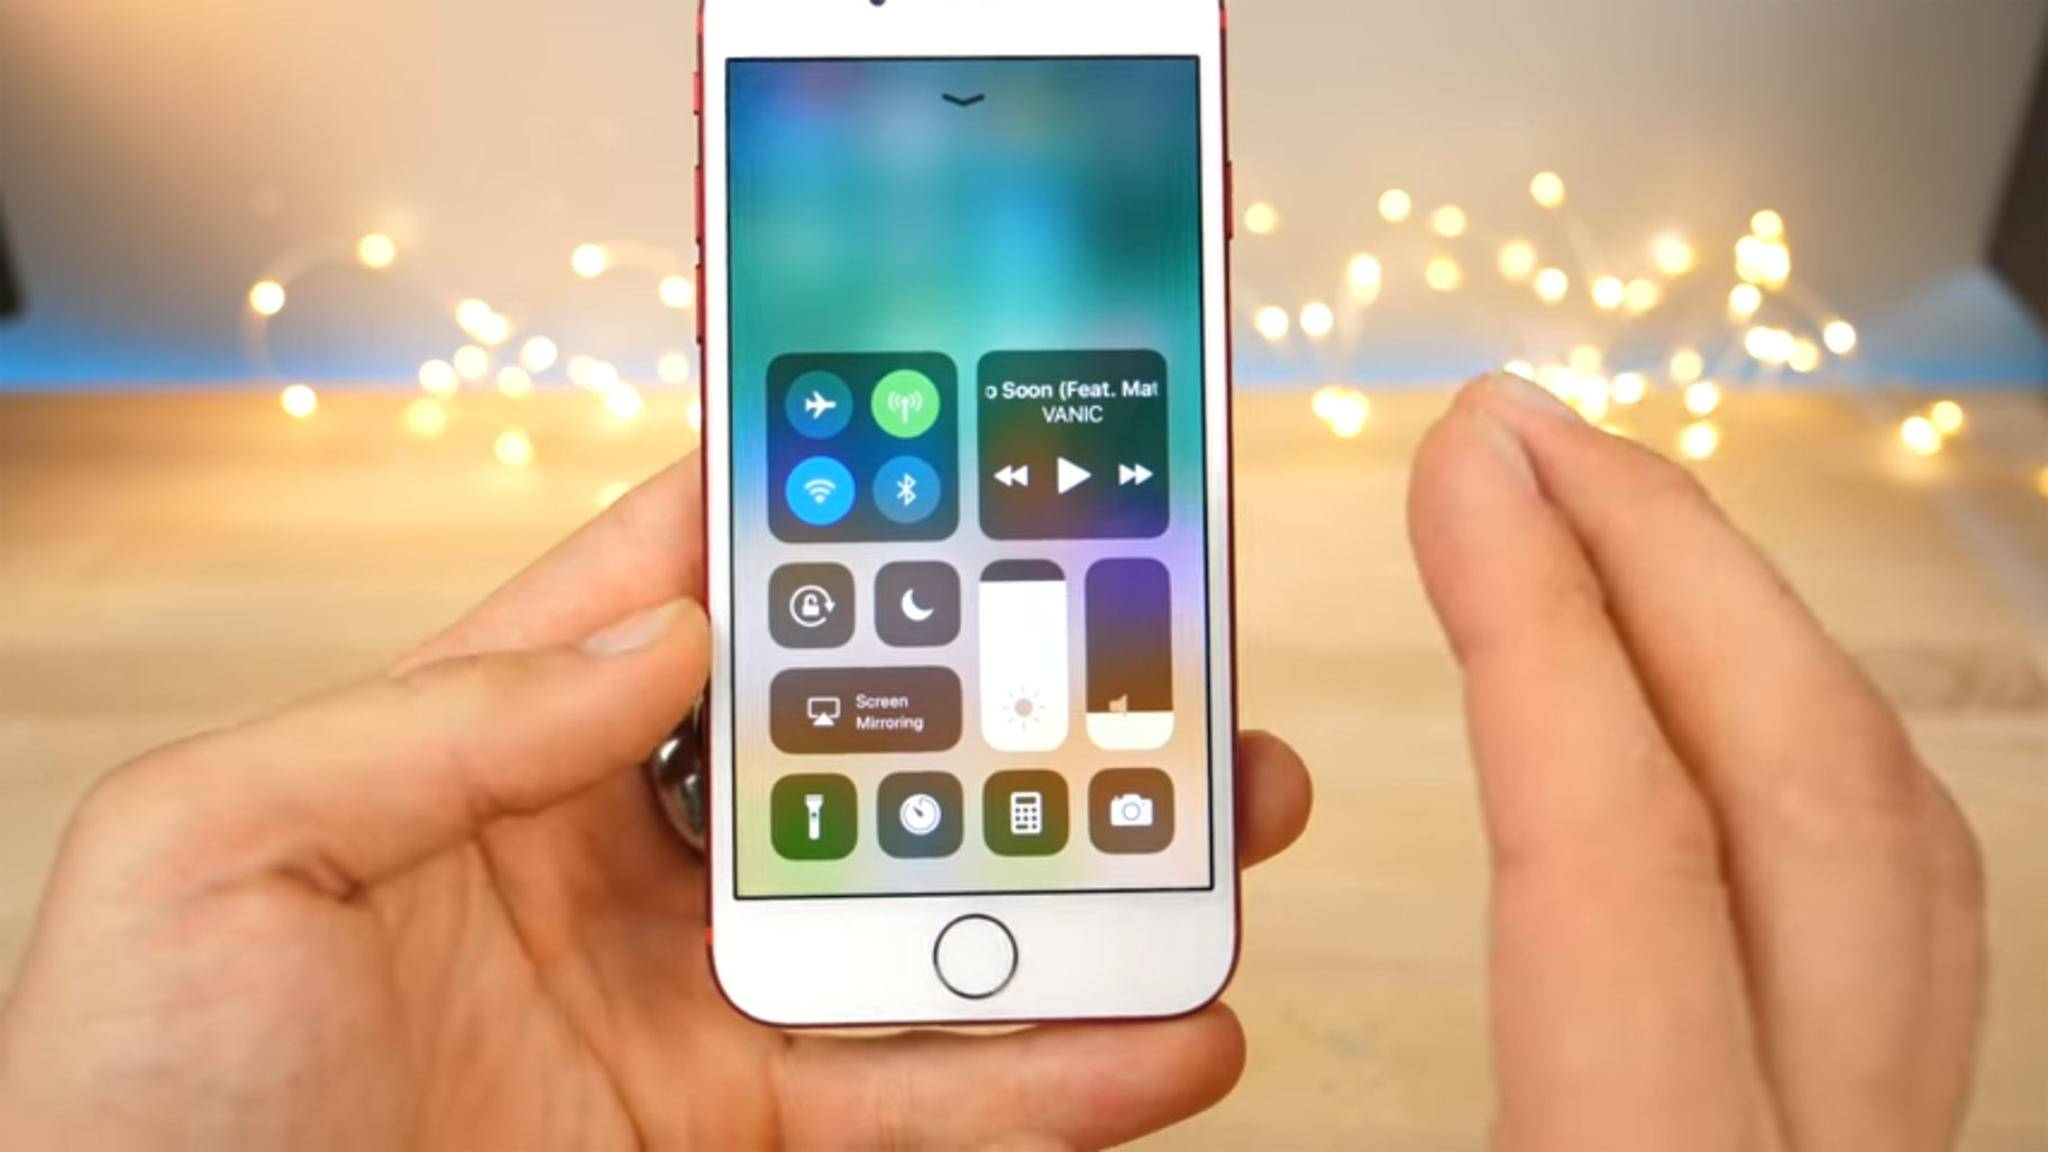 Etwas bunter, aber deutlich flexibler: Das neue Kontrollzentrum in iOS 11.